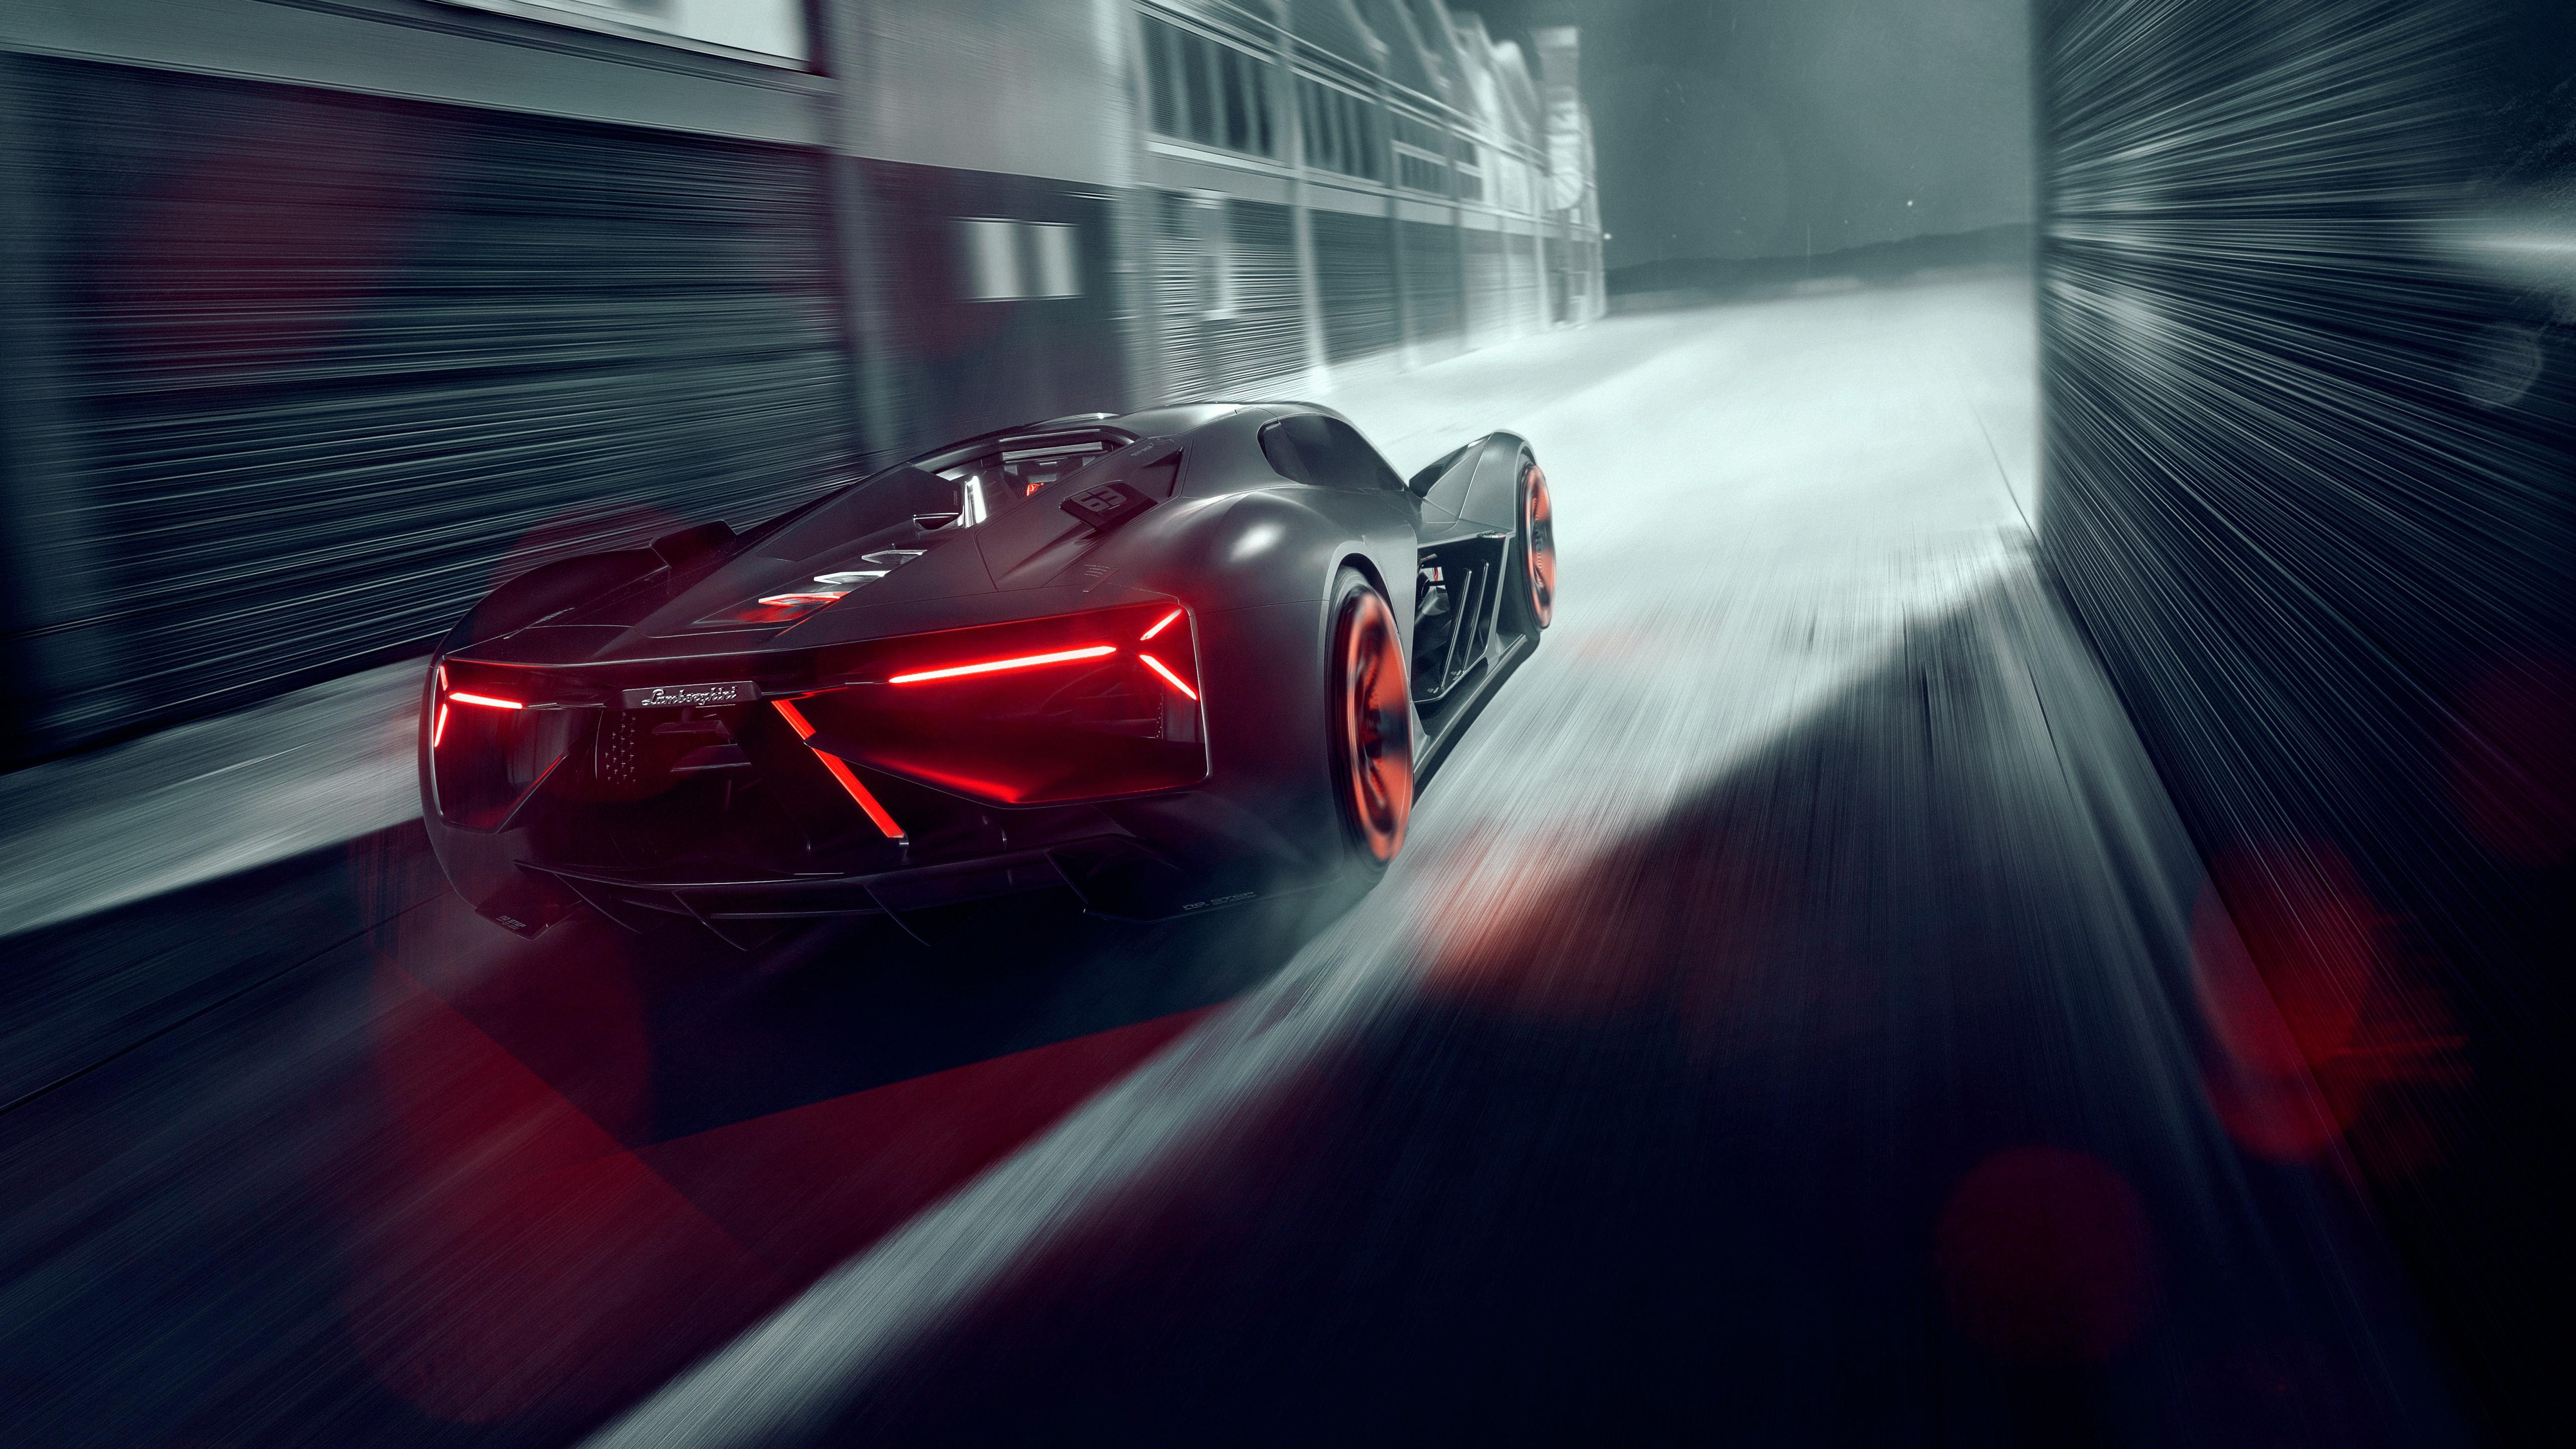 2019 Lamborghini Terzo Millennio Rear 5K Wallpaper | HD ...